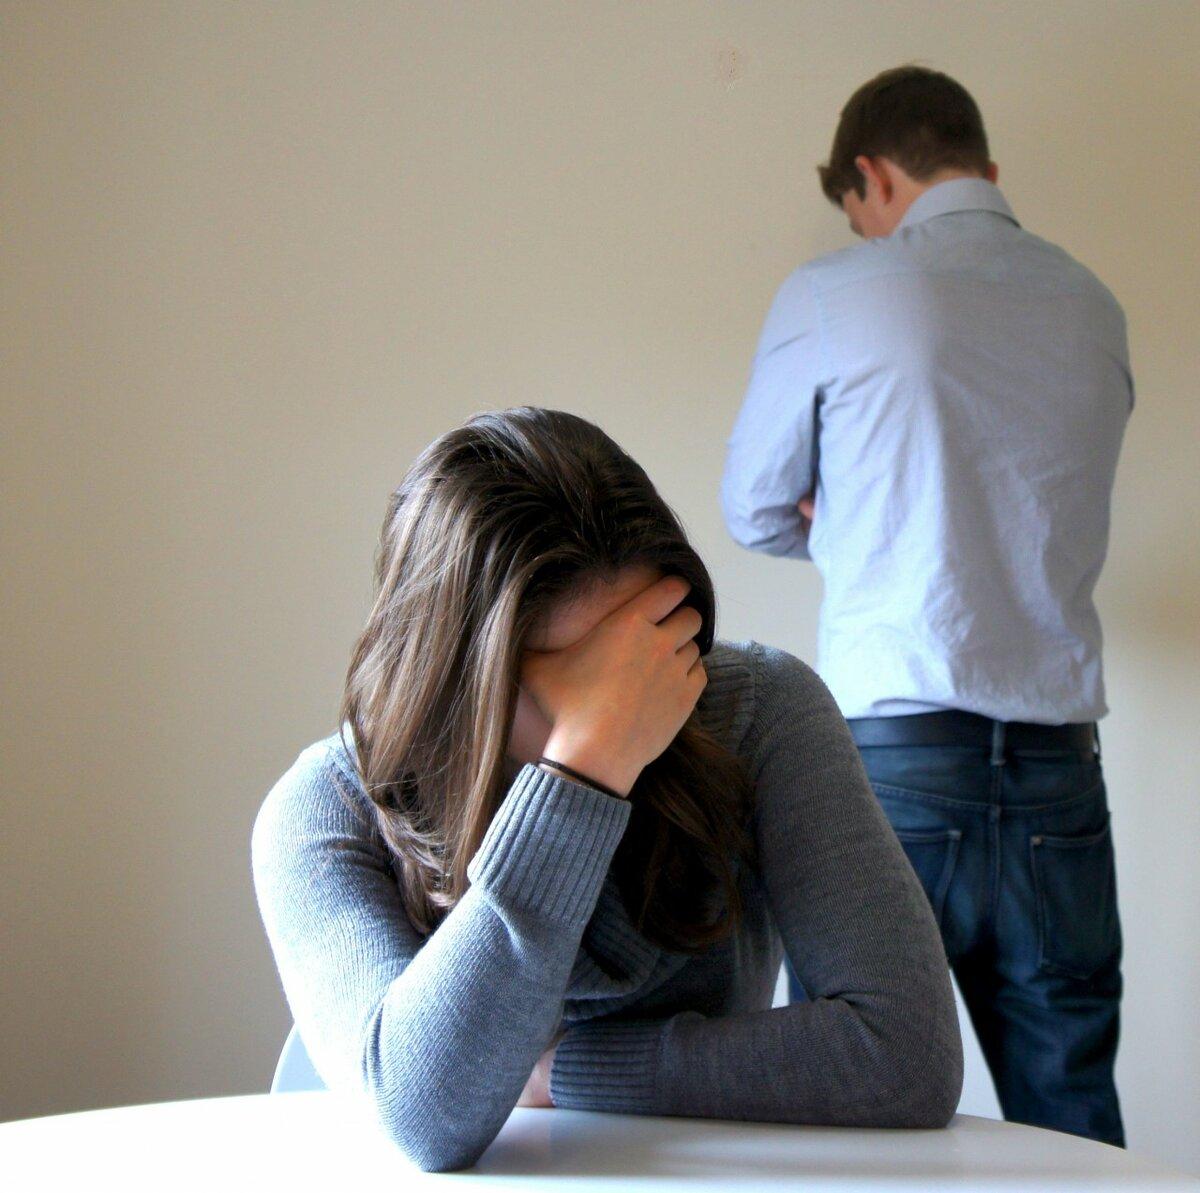 У мужа любовница… Истерик не устраиваю…